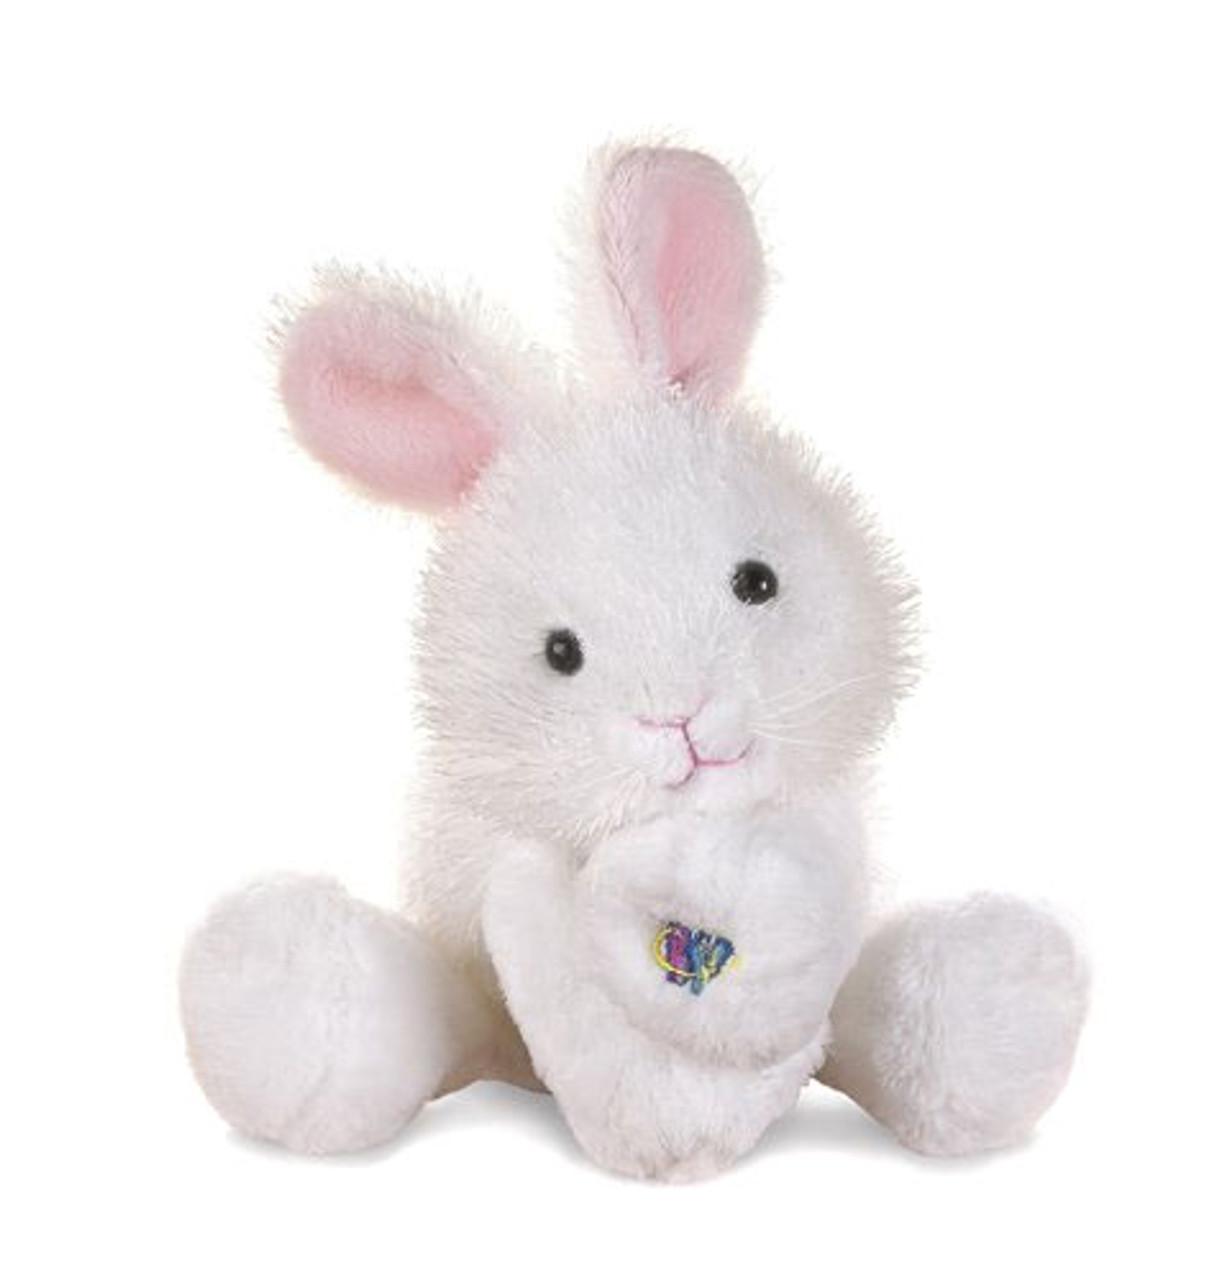 Webkinz Lil' Kinz White Bunny Rabbit Plush